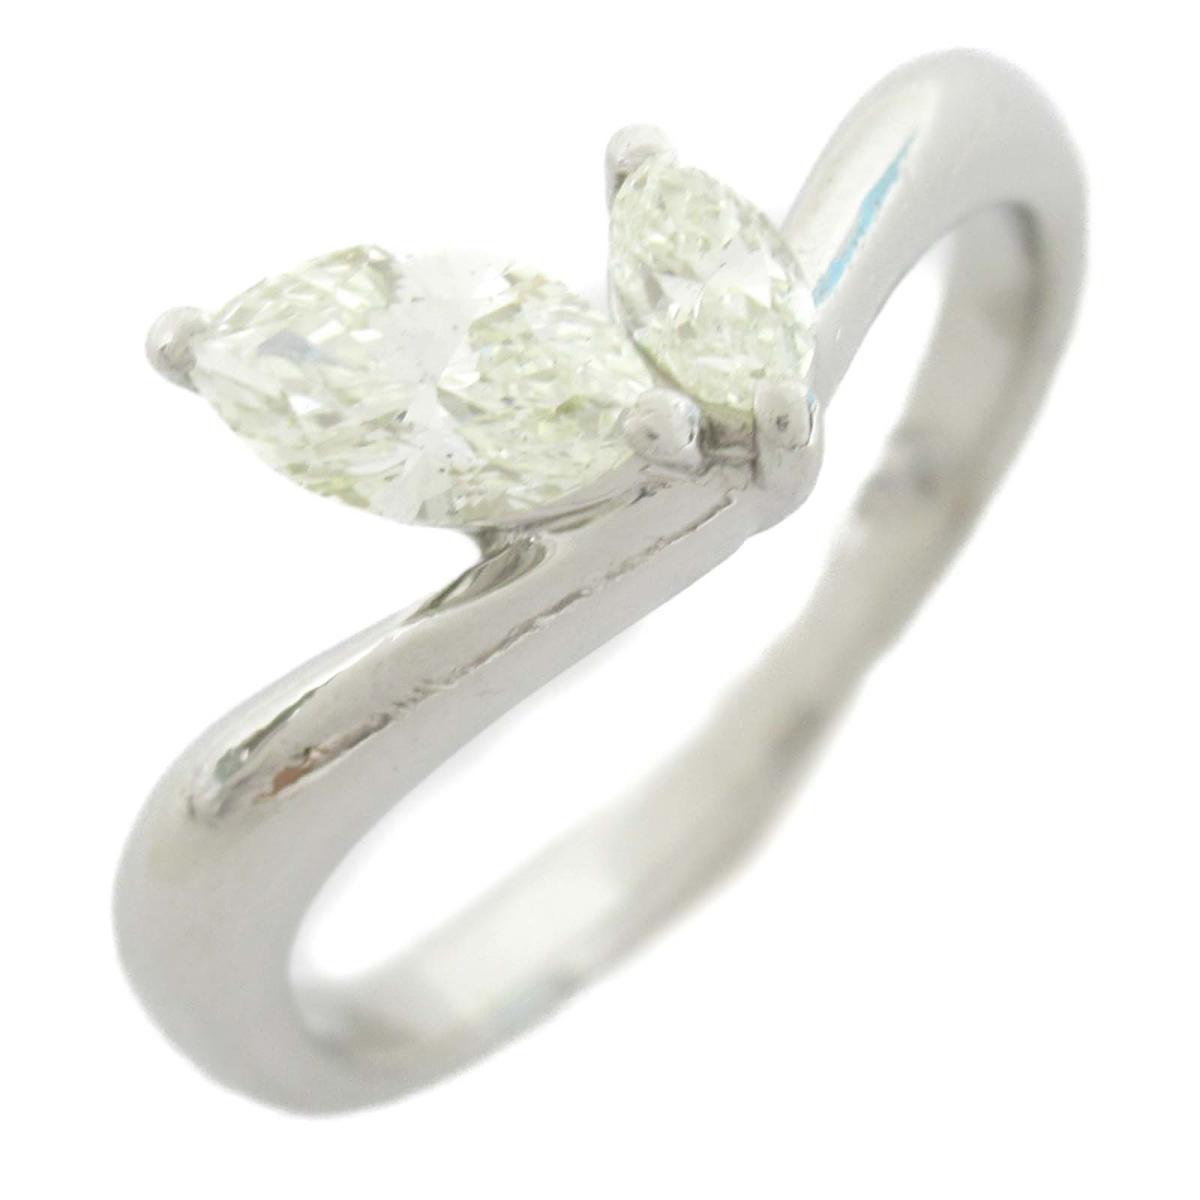 ジュエリー ダイヤモンド リング 指輪 ノーブランドジュエリー レディース PT900 プラチナ x ダイヤモンド0.56CT 【中古】 | JEWELRY BRANDOFF ブランドオフ アクセサリー